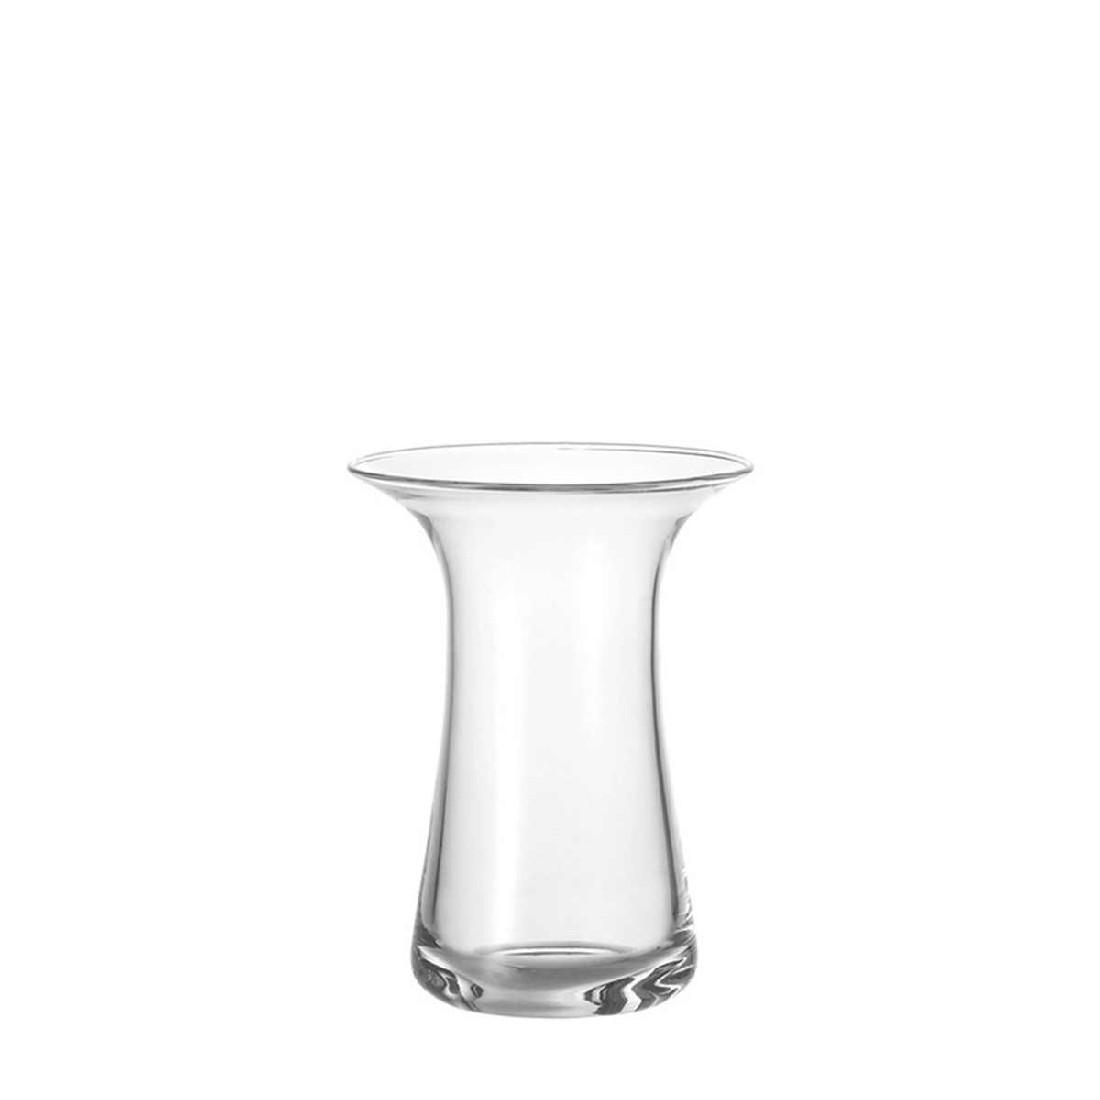 Vase Fluent – 22 cm, Leonardo bestellen